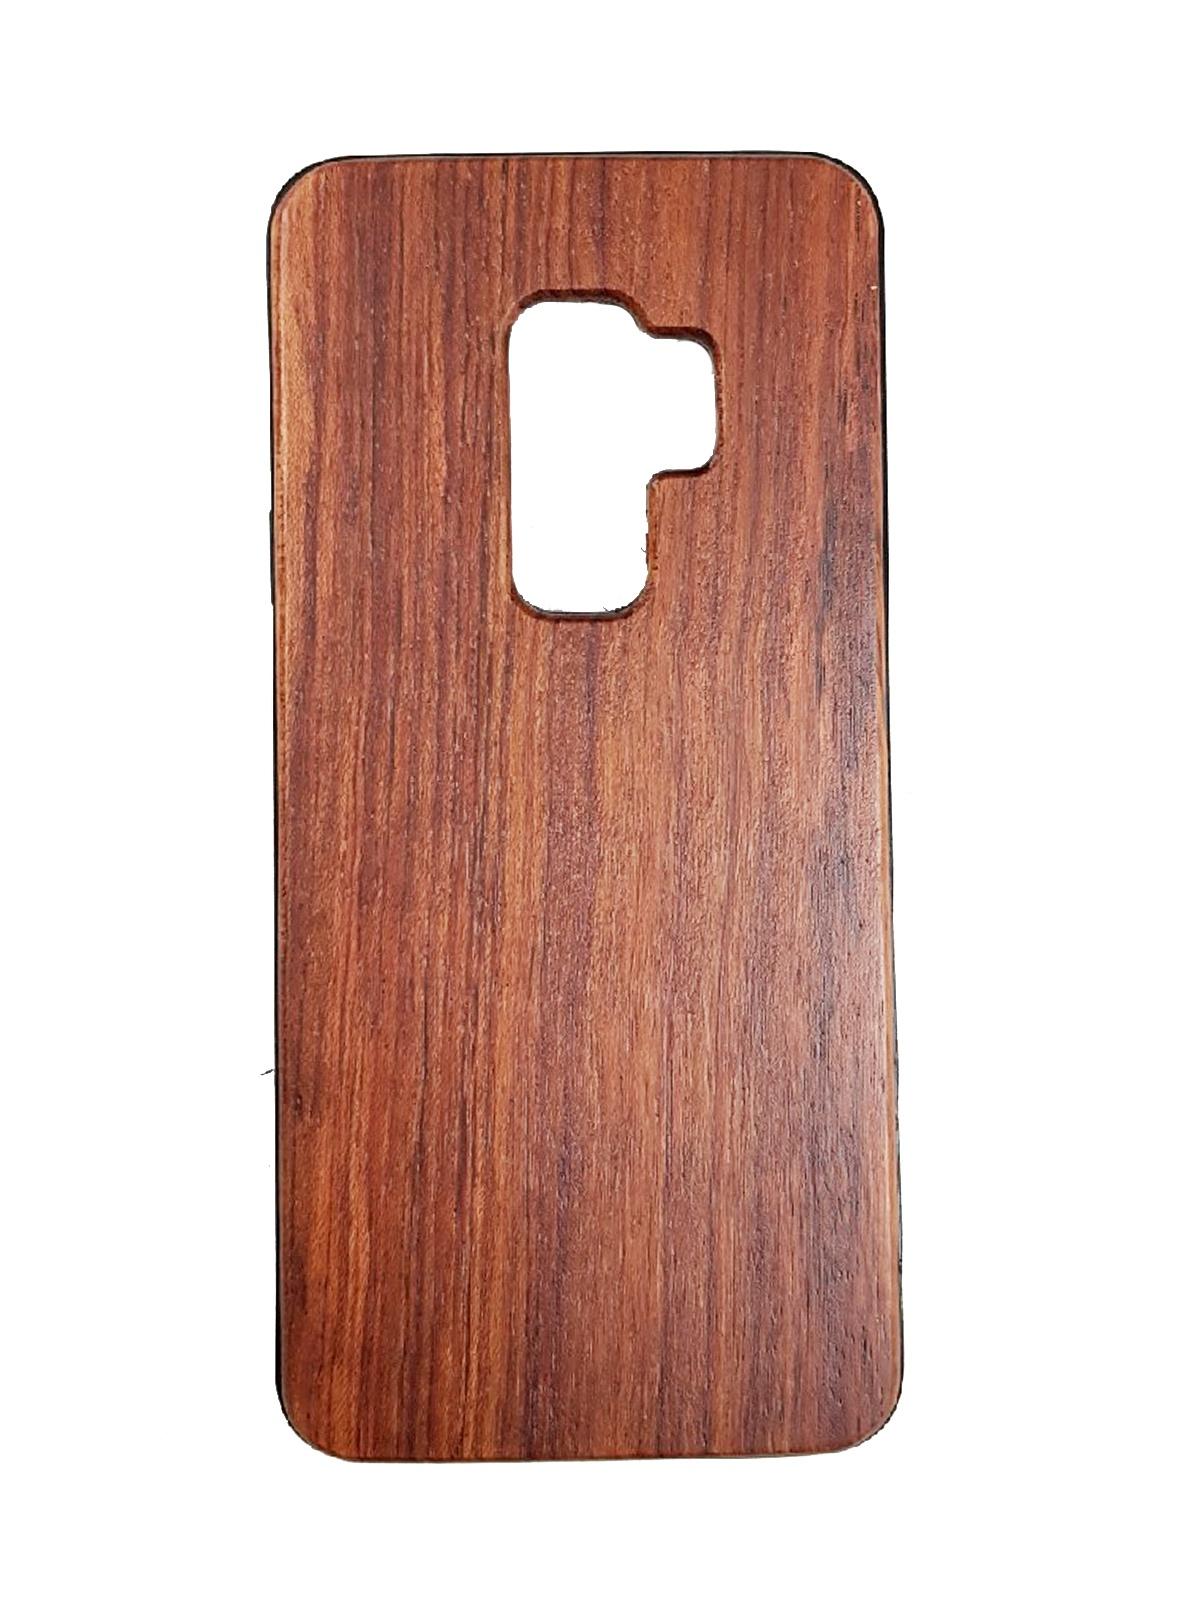 Чехол для сотового телефона Green Case Деревянный чехол-бампер для Samsung Galaxy S9 Plus, красный